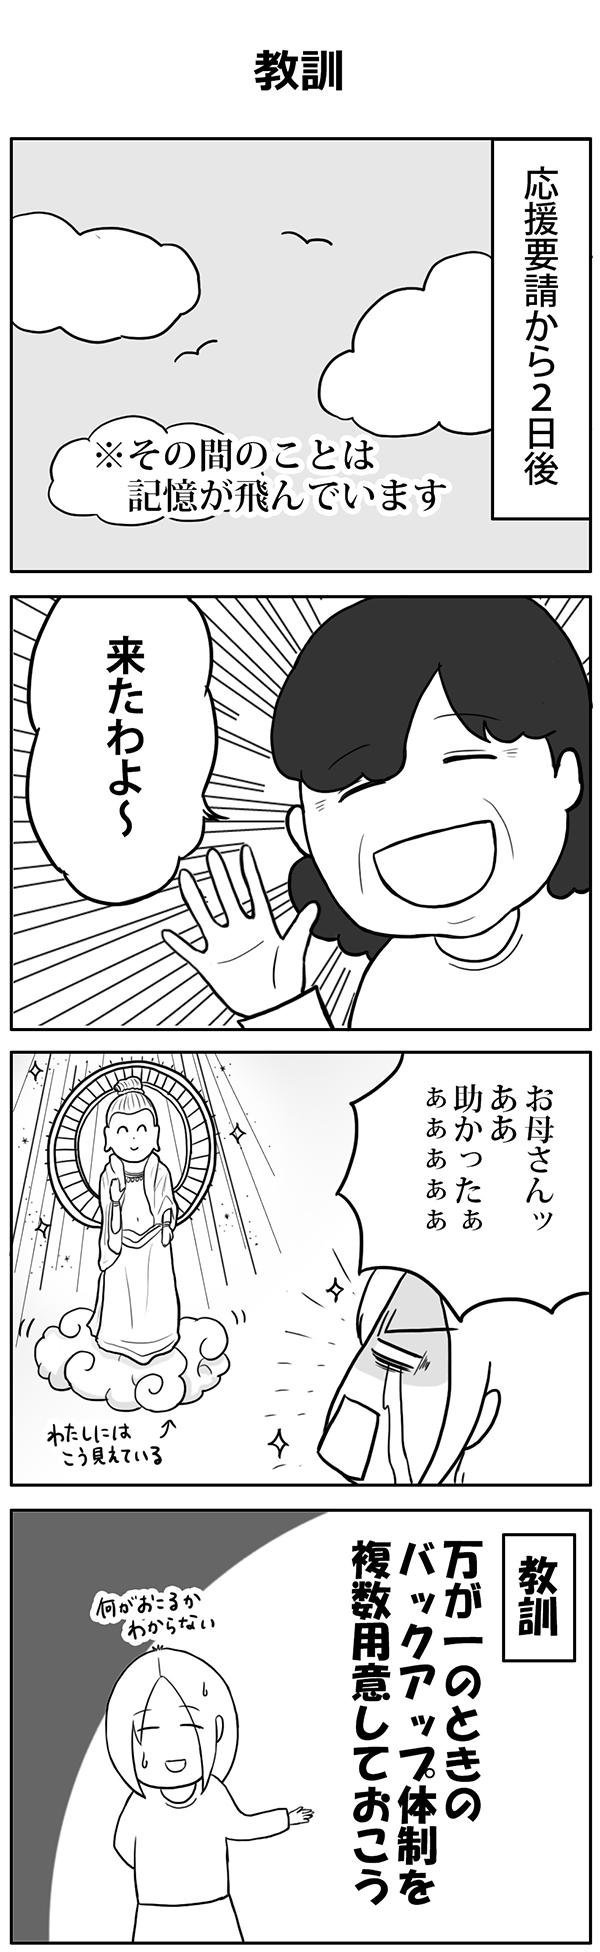 katakrico_62